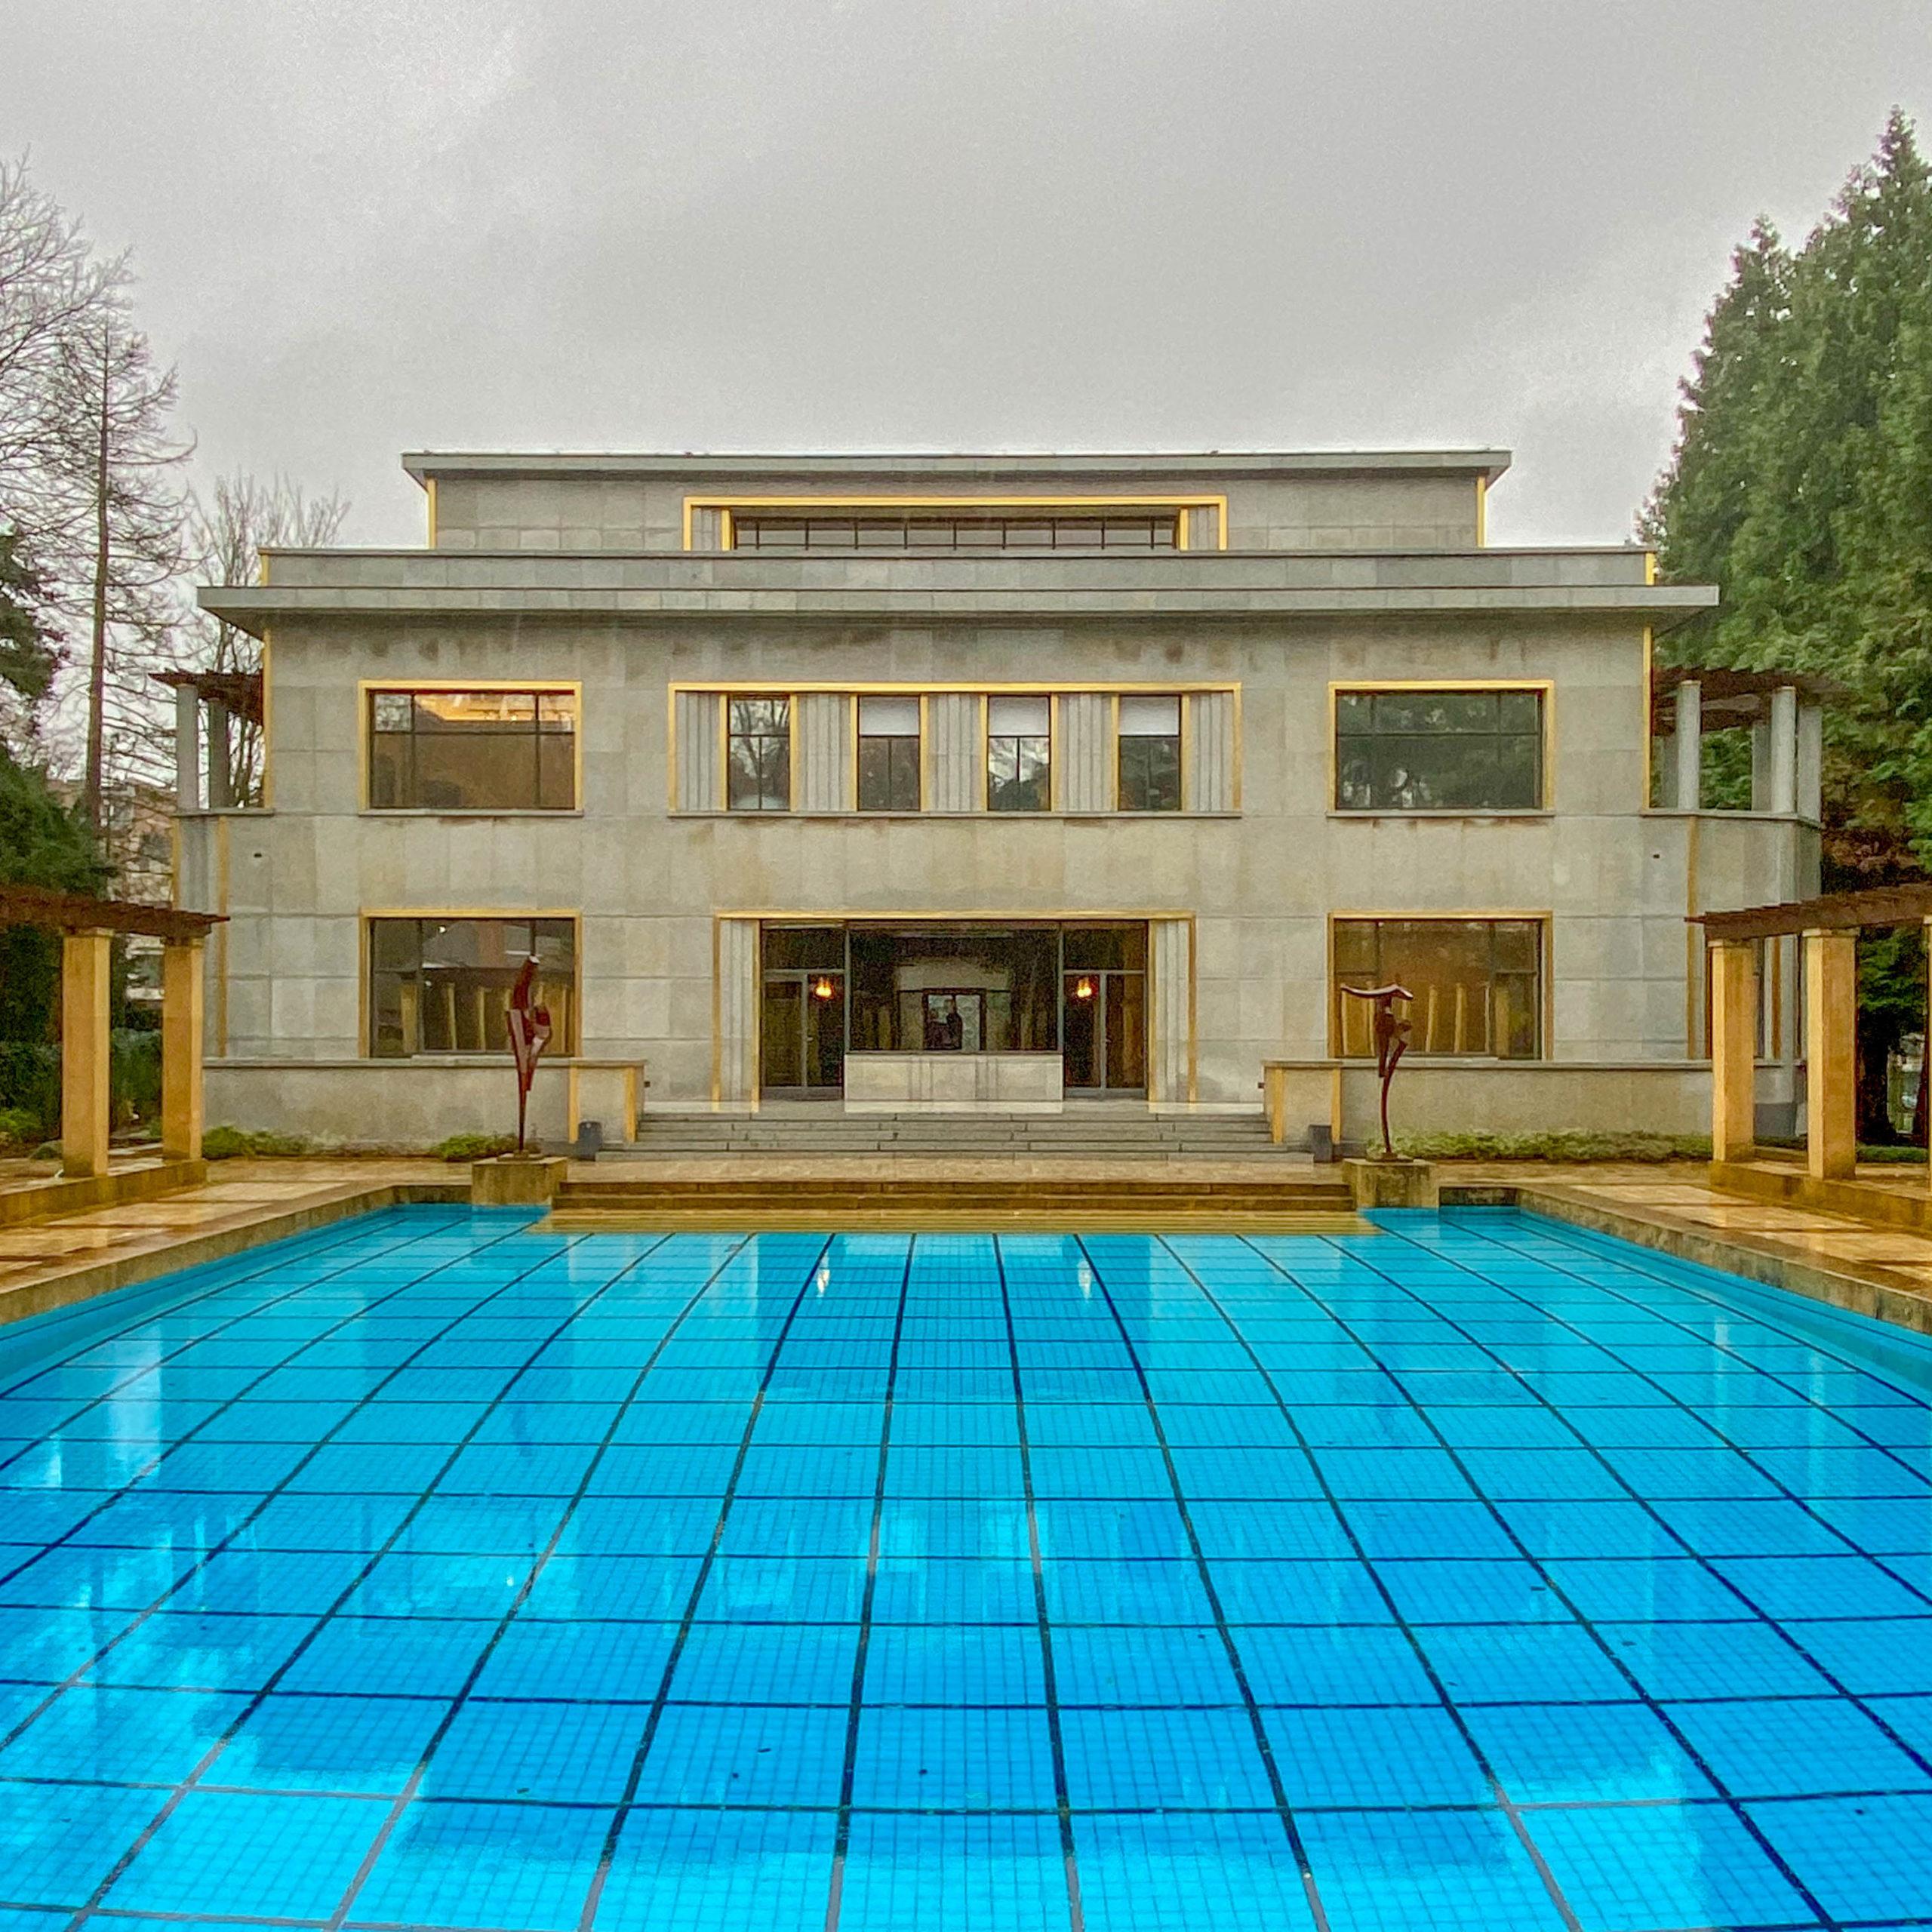 Villa Empain, 1930-1935. Architekt: Michel Polak